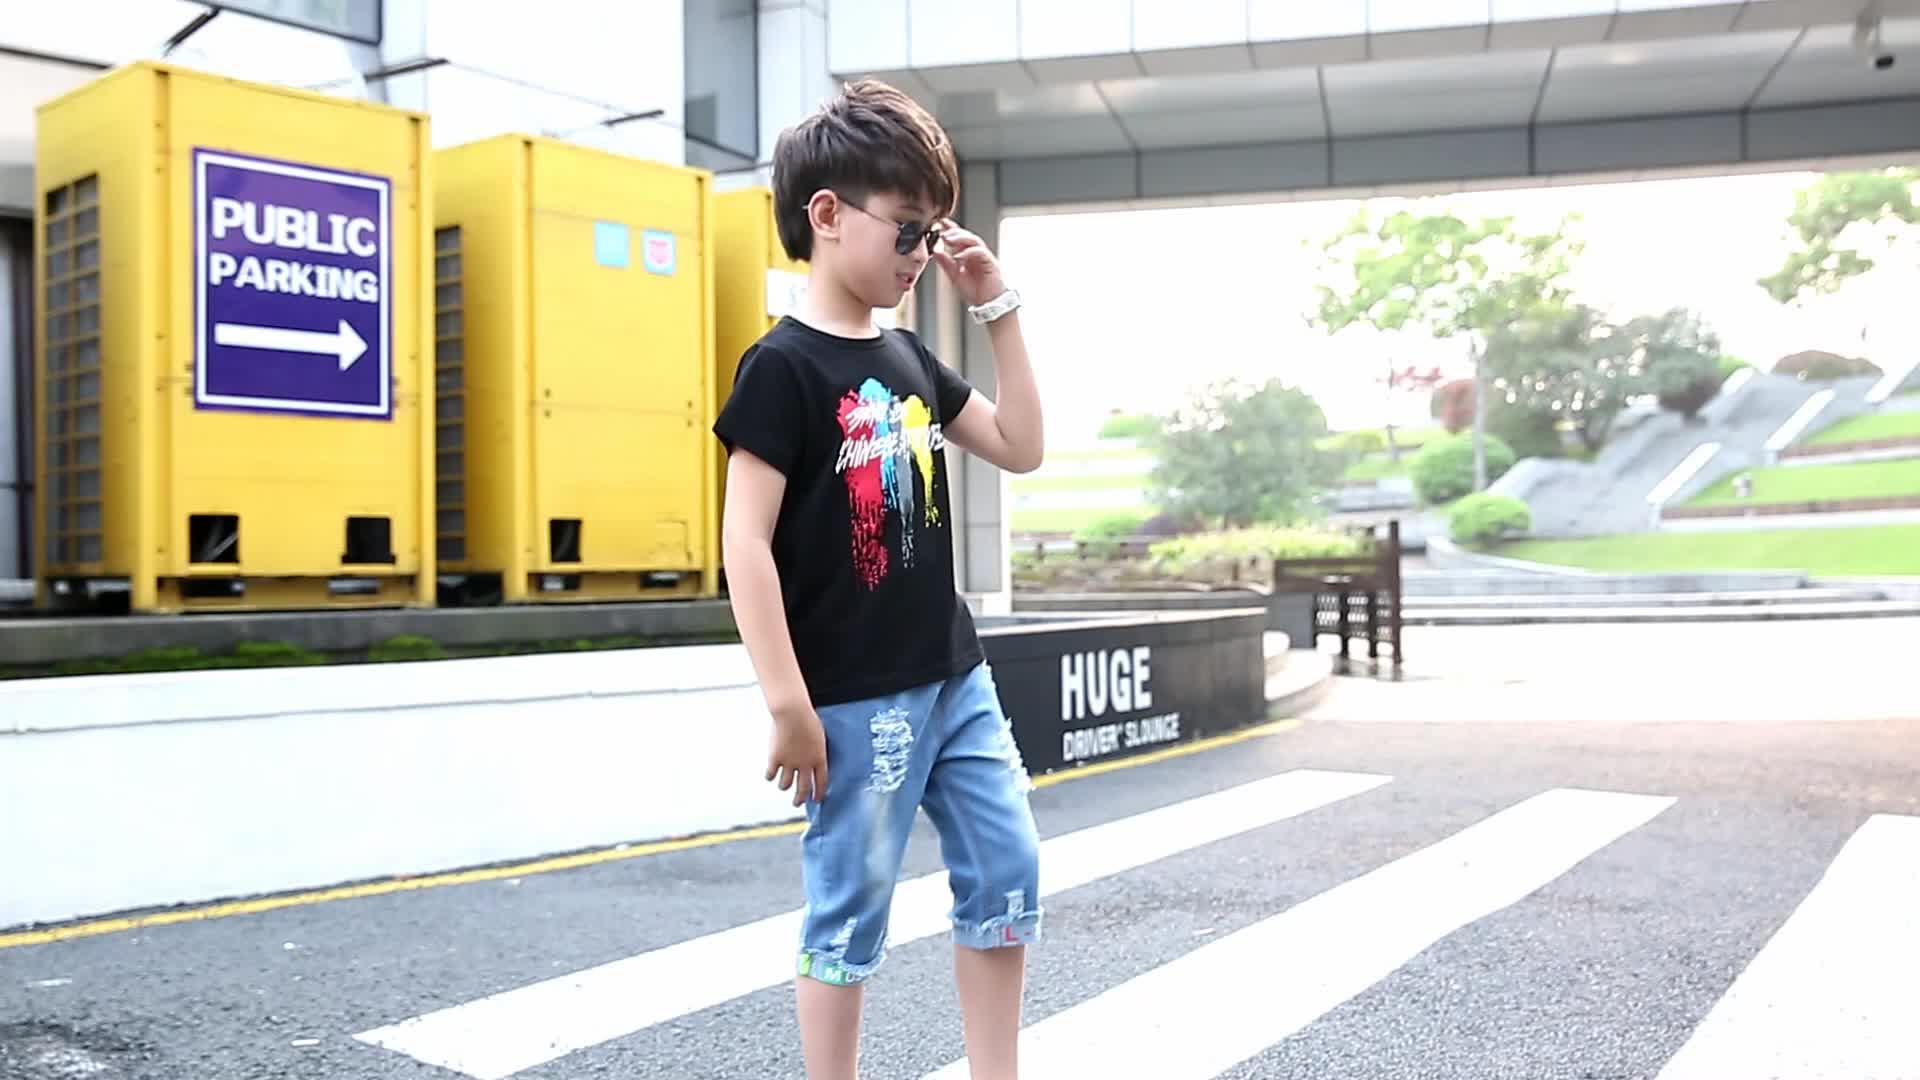 Witte Top Kids Jongen Kleding 2 Stuk Pak Wit T-Shirt Jeans Jongen Jongens Kleding Outfit T-shirt Sets Kleding